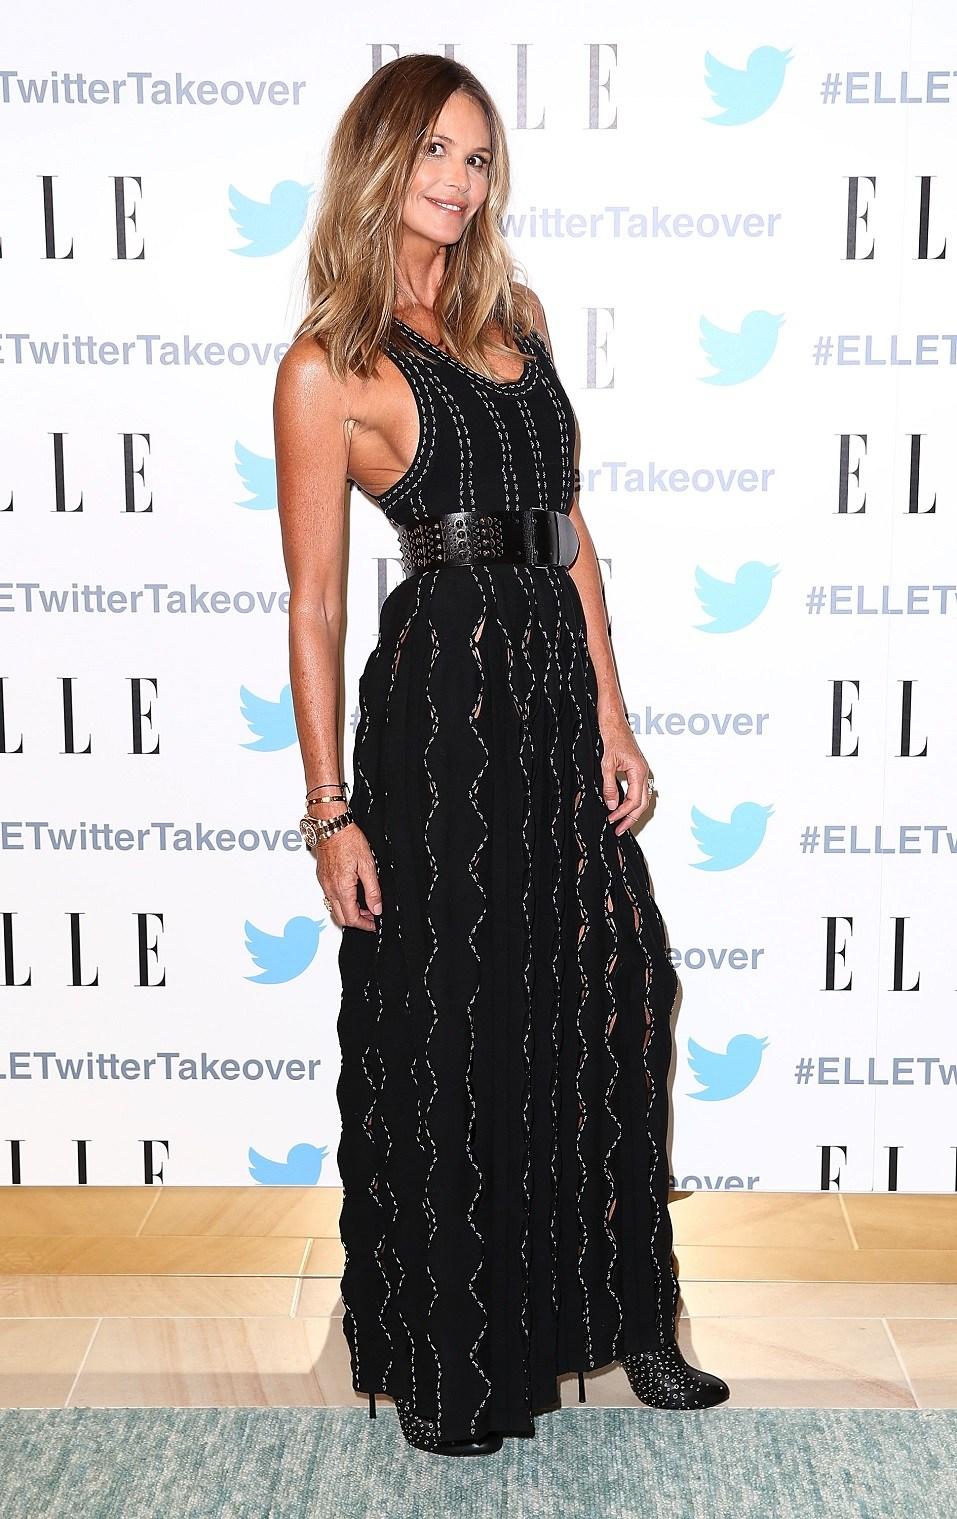 Australian model Elle Macpherson